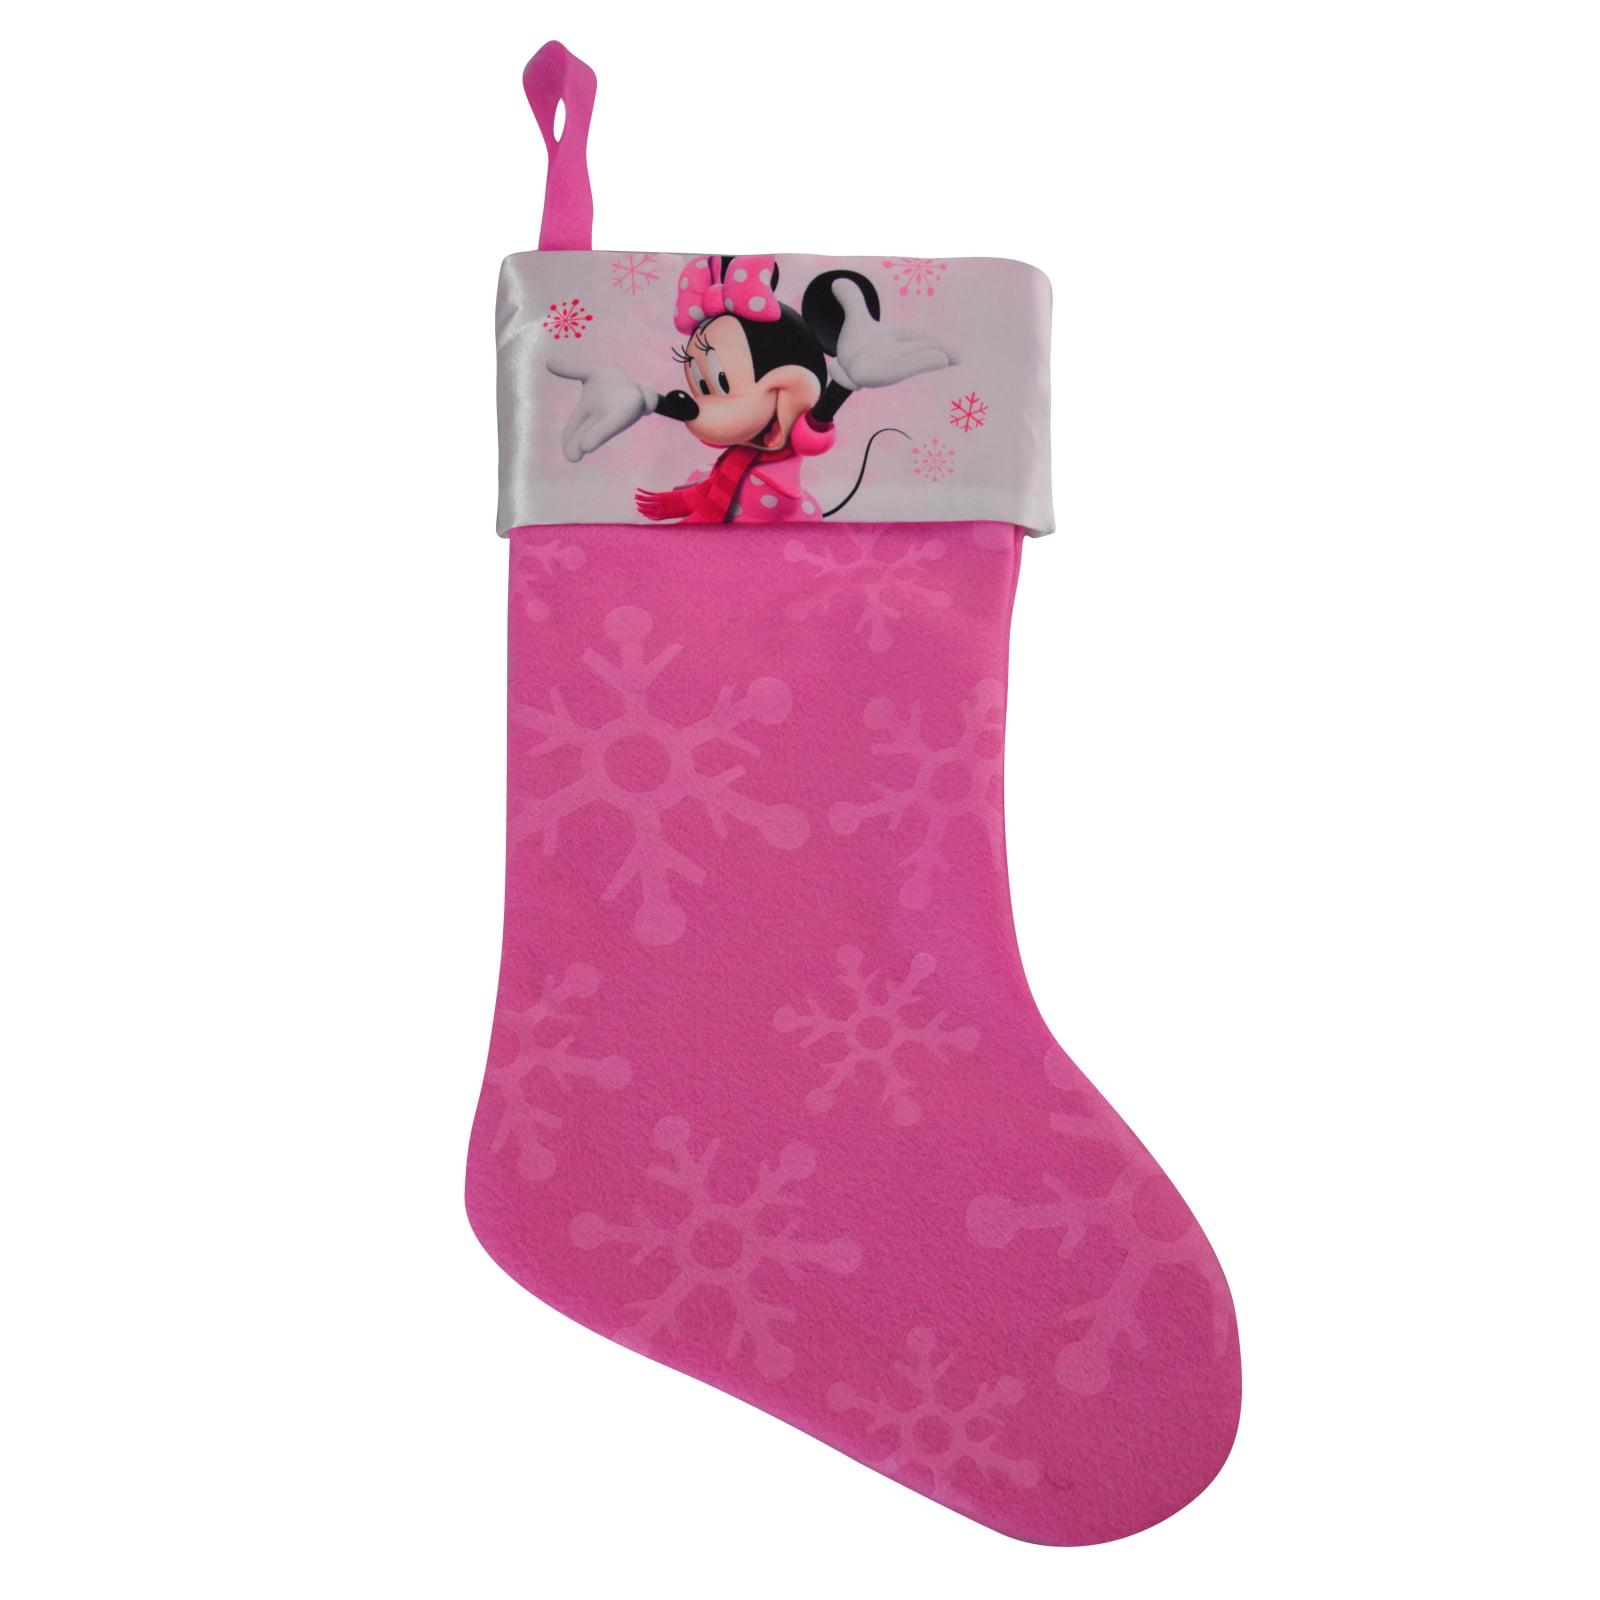 Pink Christmas Stockings - Walmart.com